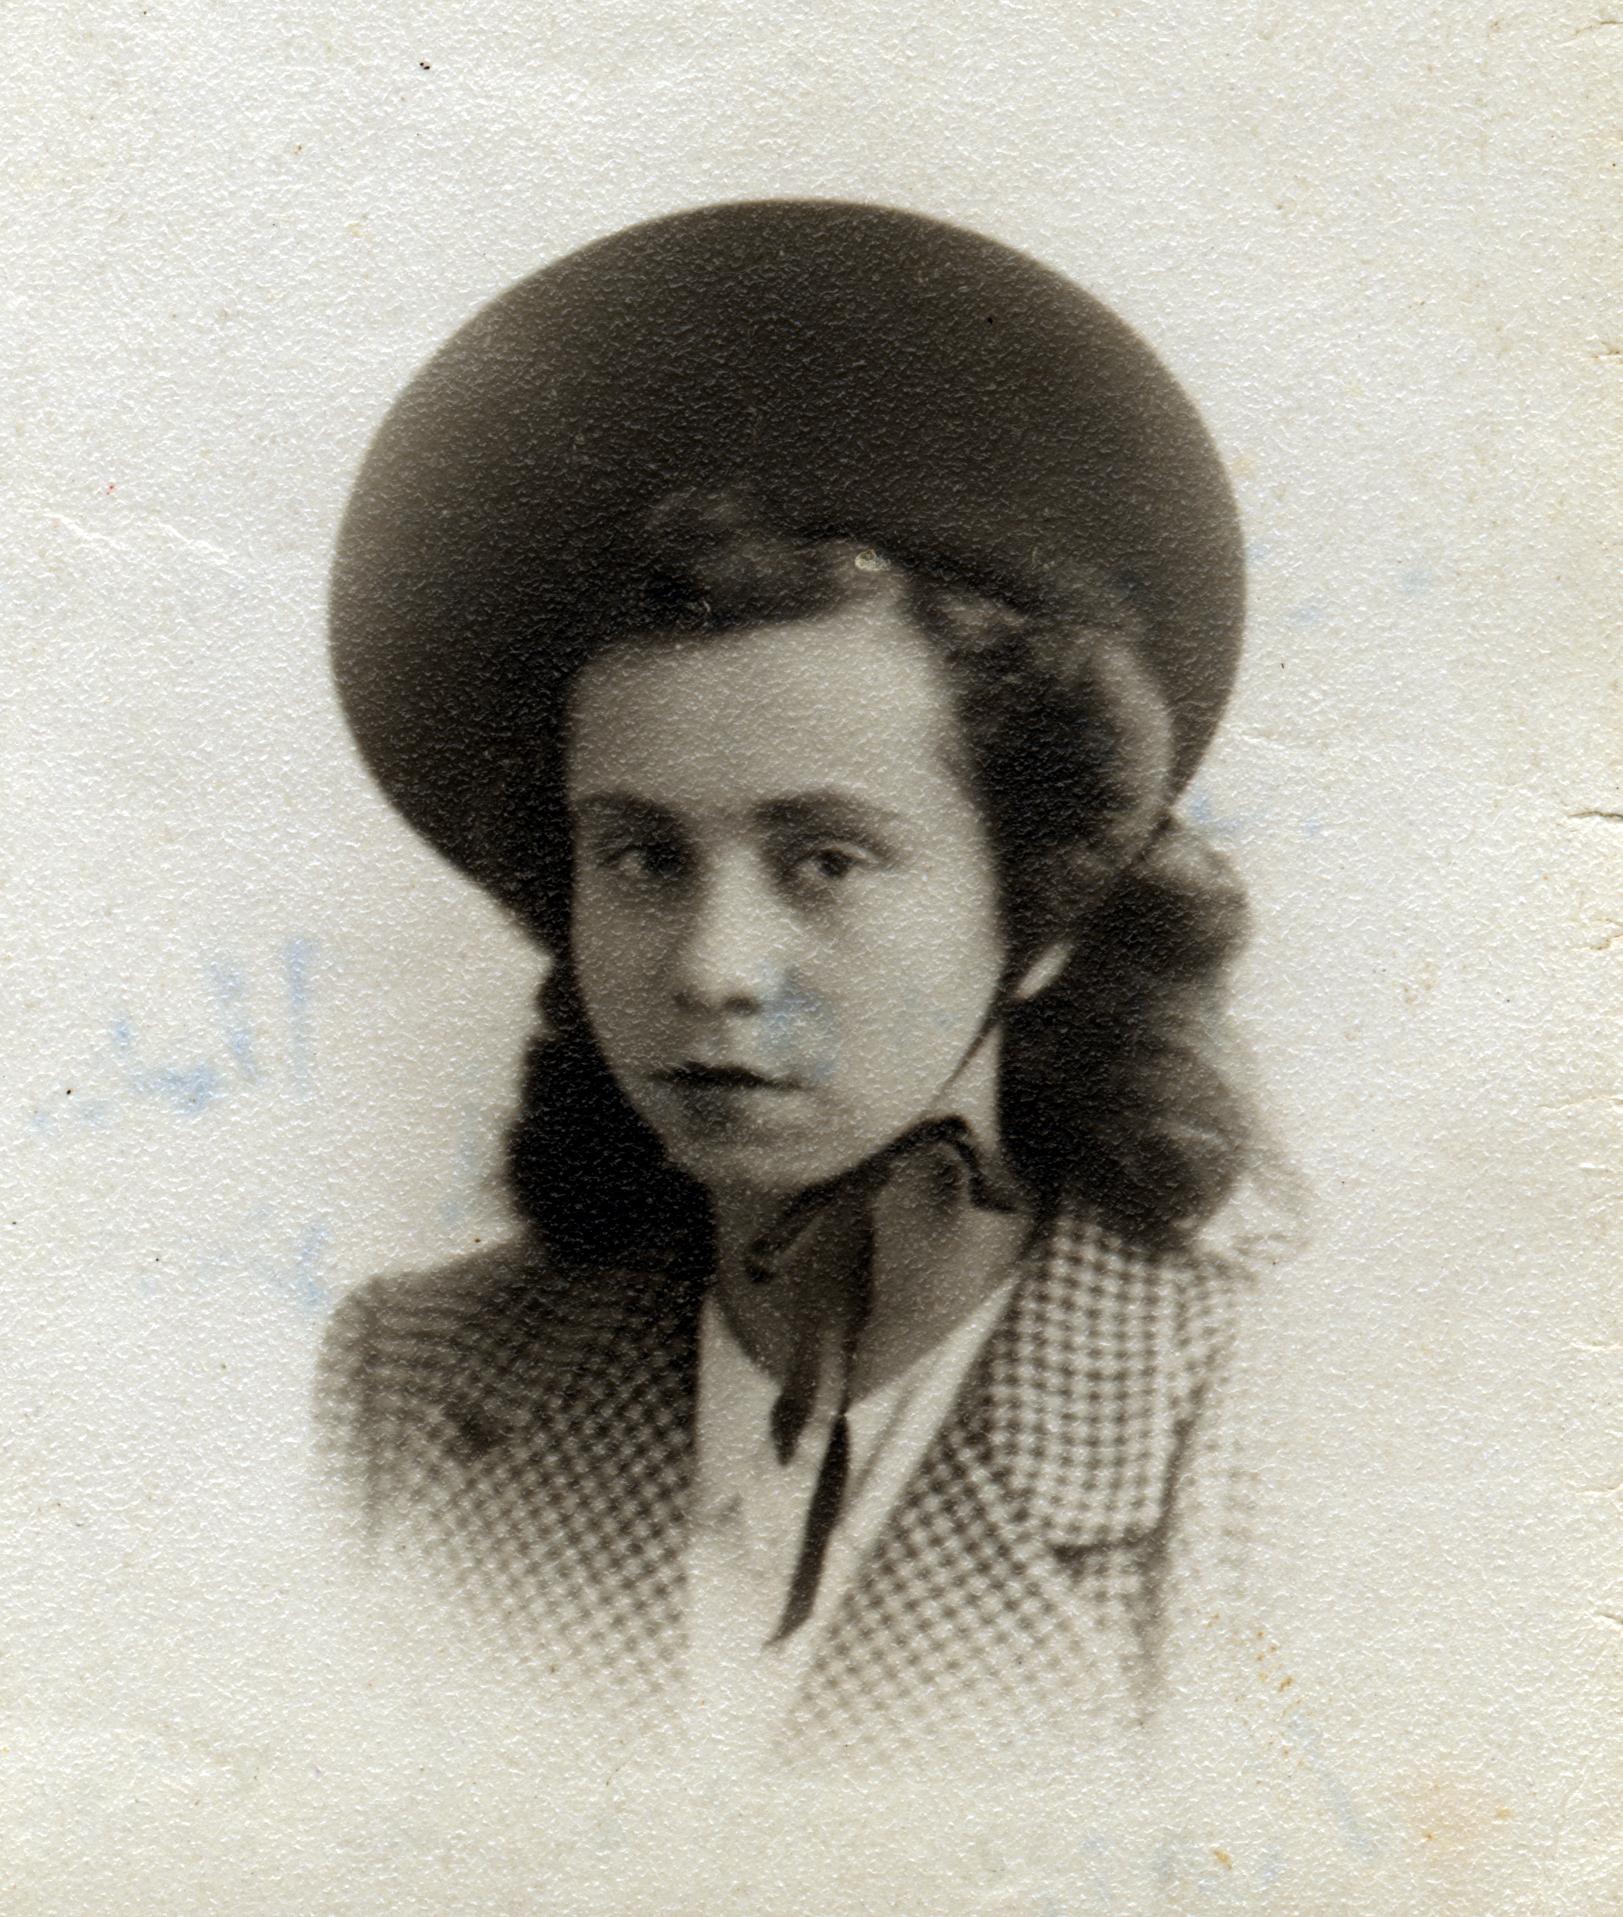 Kitty Suschny vor ihrer Emigration nach England im Jahre 1938